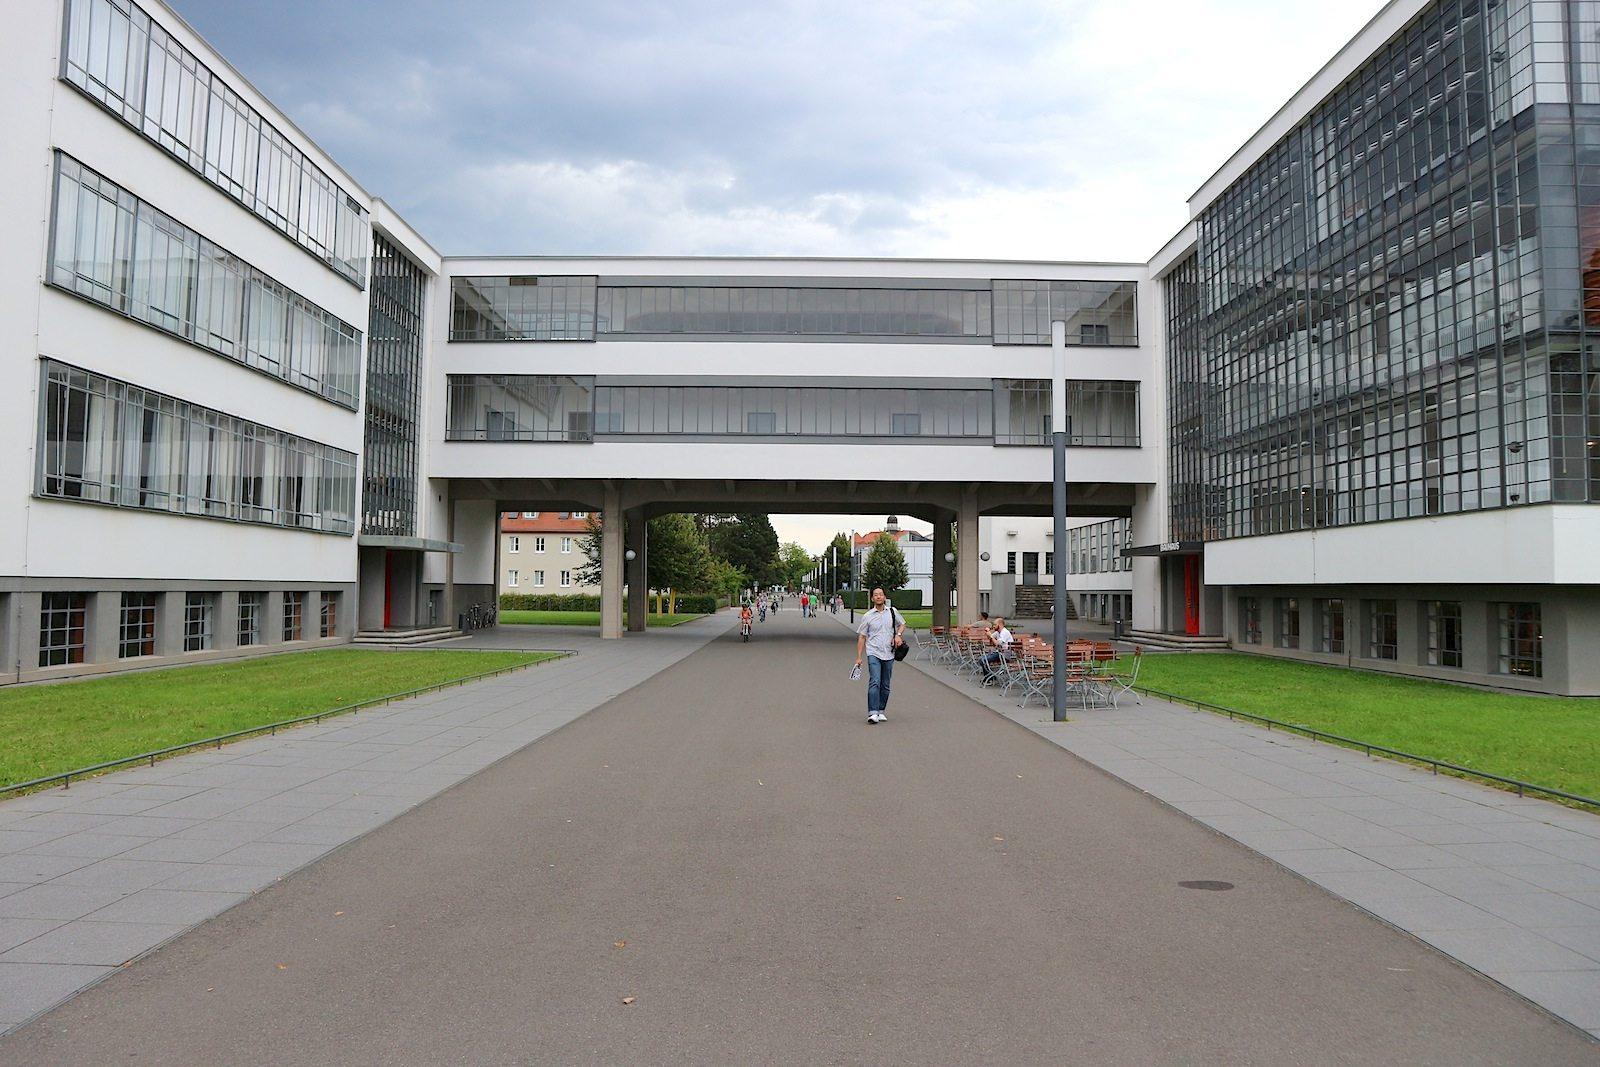 Nordflügel, Brücke und Werkstattflügel.